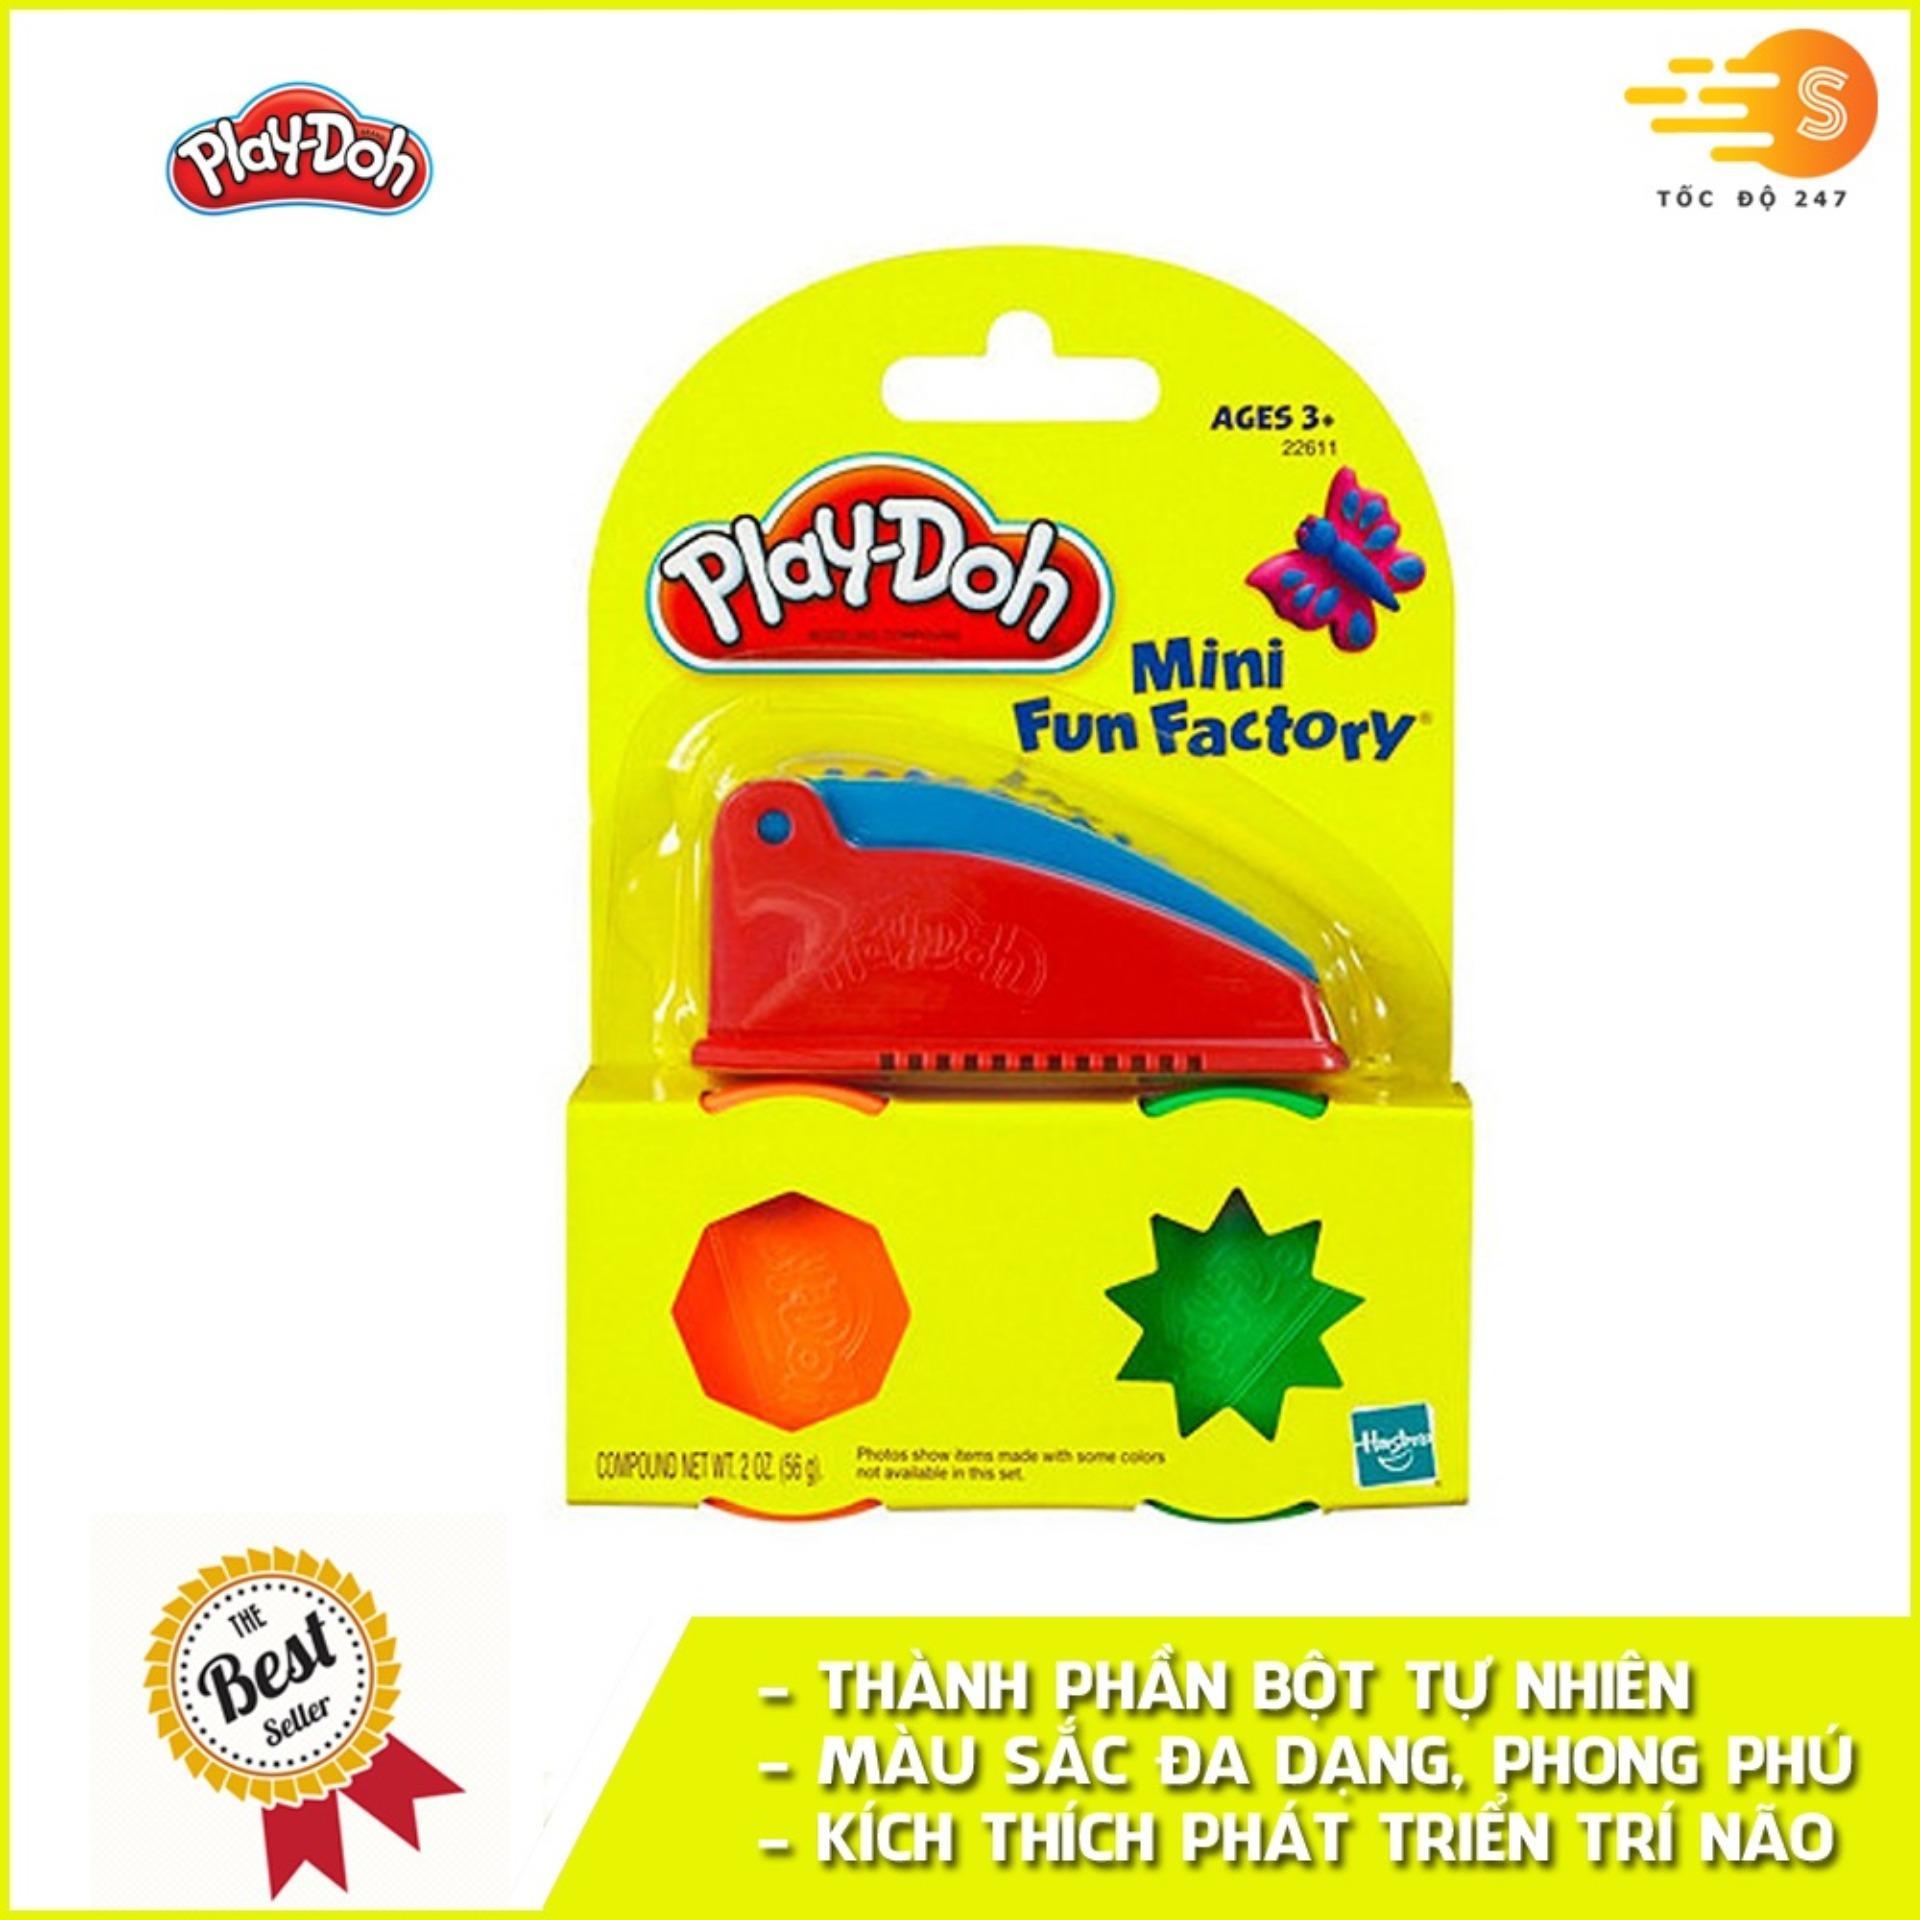 Bộ Bột Nặn Tạo Hình Nhà Máy Vui Vẻ Mini Play-Doh 22611 Giảm Duy Nhất Hôm Nay